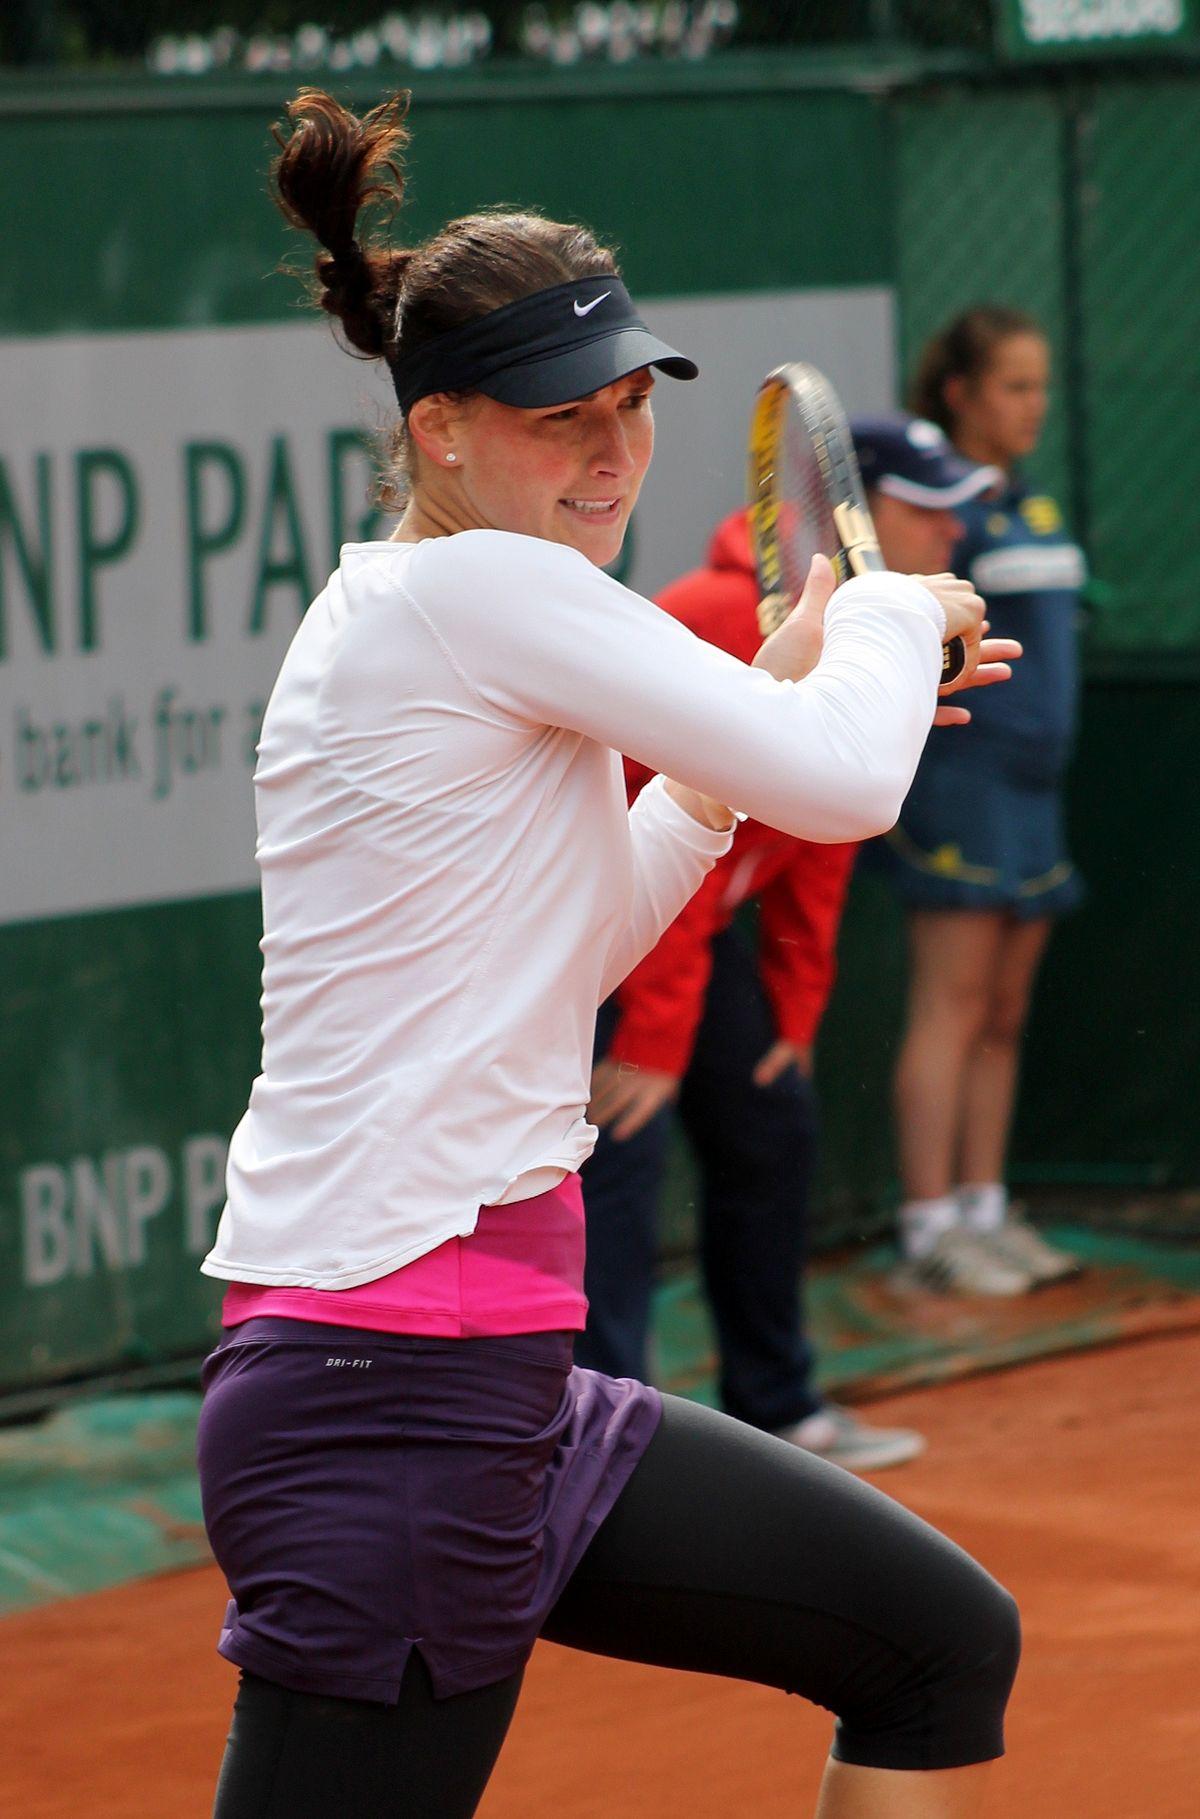 Eva Hrdinová - Wikipedia